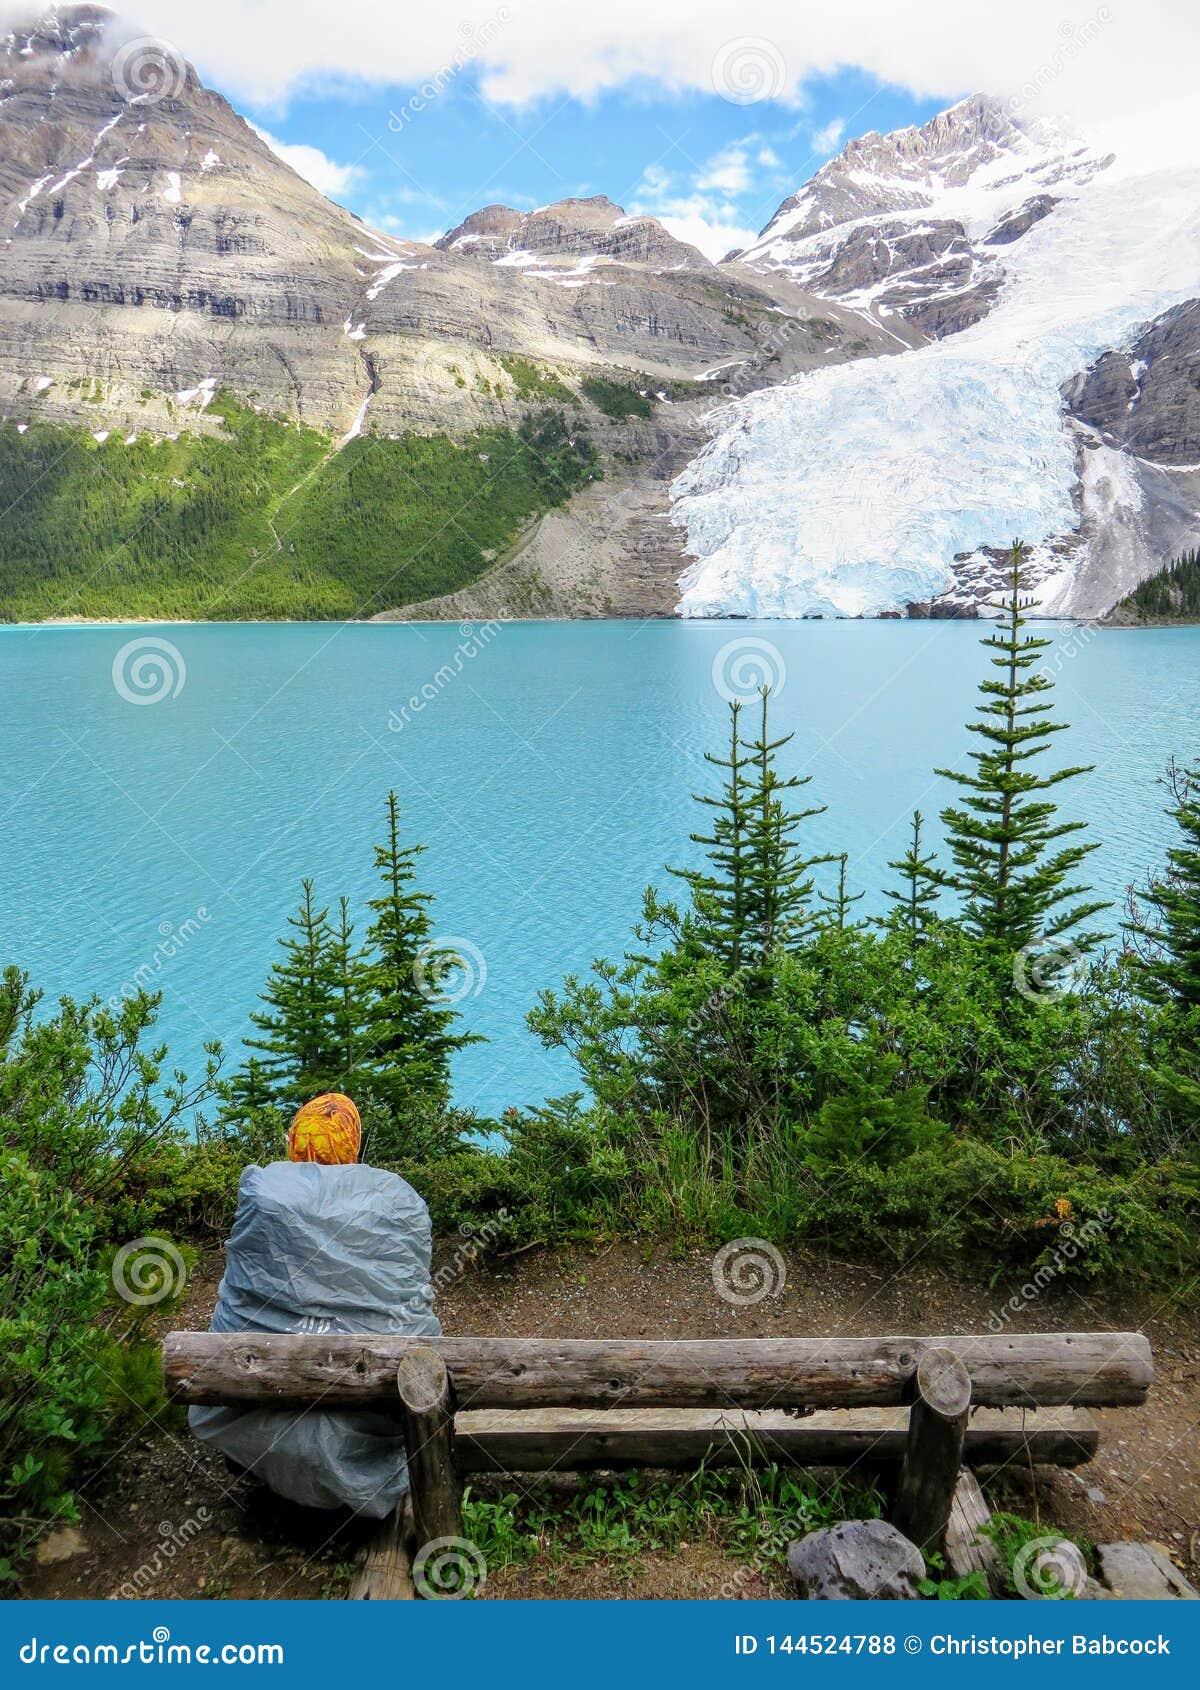 Una giovane viandante femminile si è fermata lungo una traccia di escursione che ammira la bella e vista incredibile di un lago e